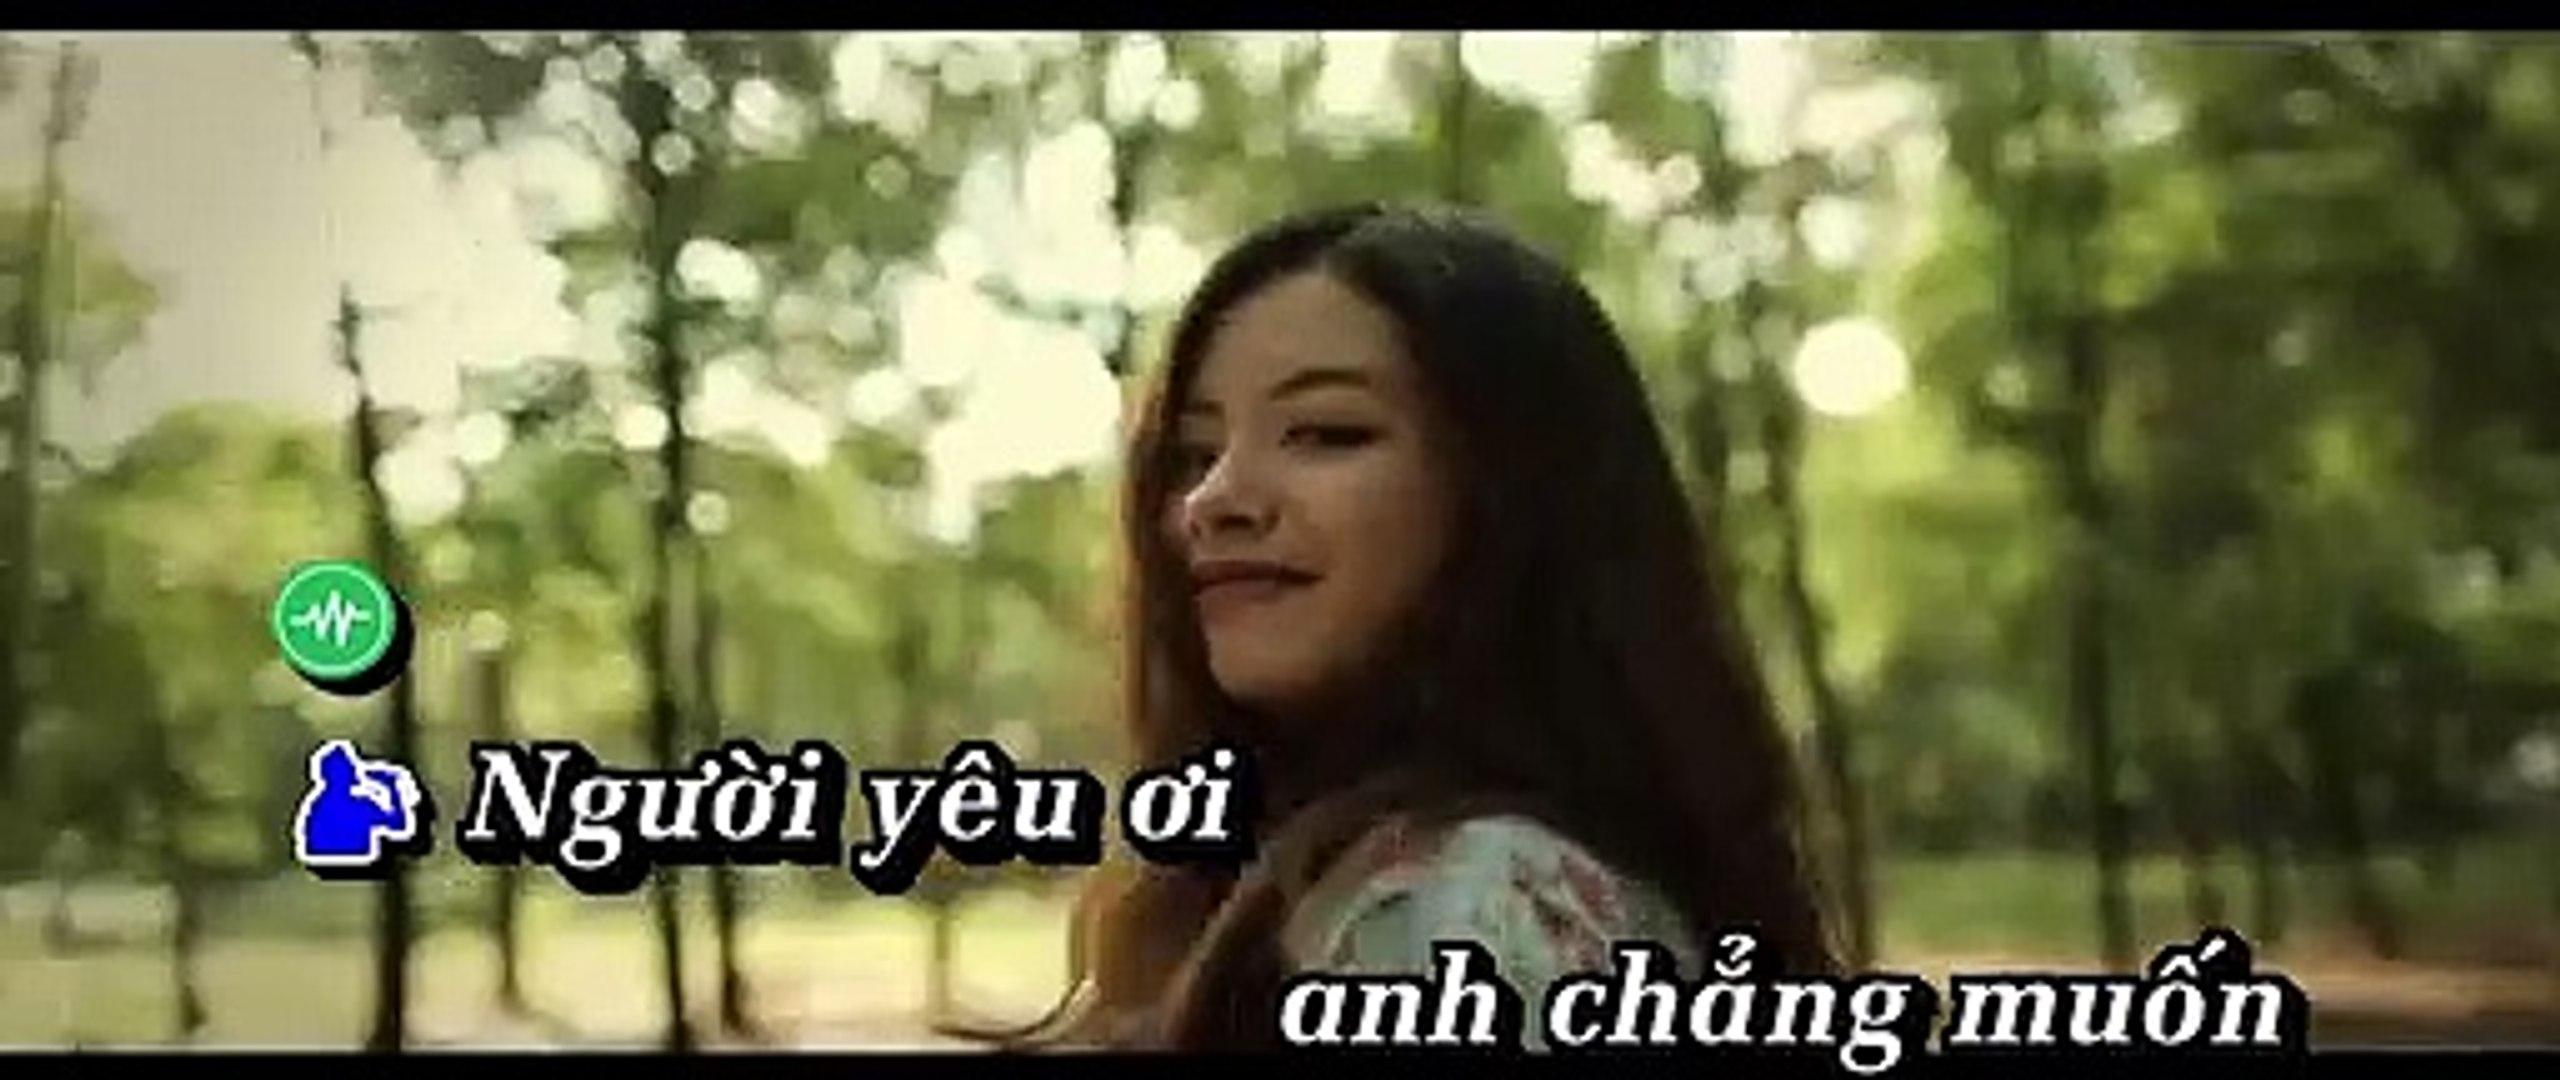 [Karaoke] Ghen Với Quá Khứ - Vương Anh Tú [Beat]